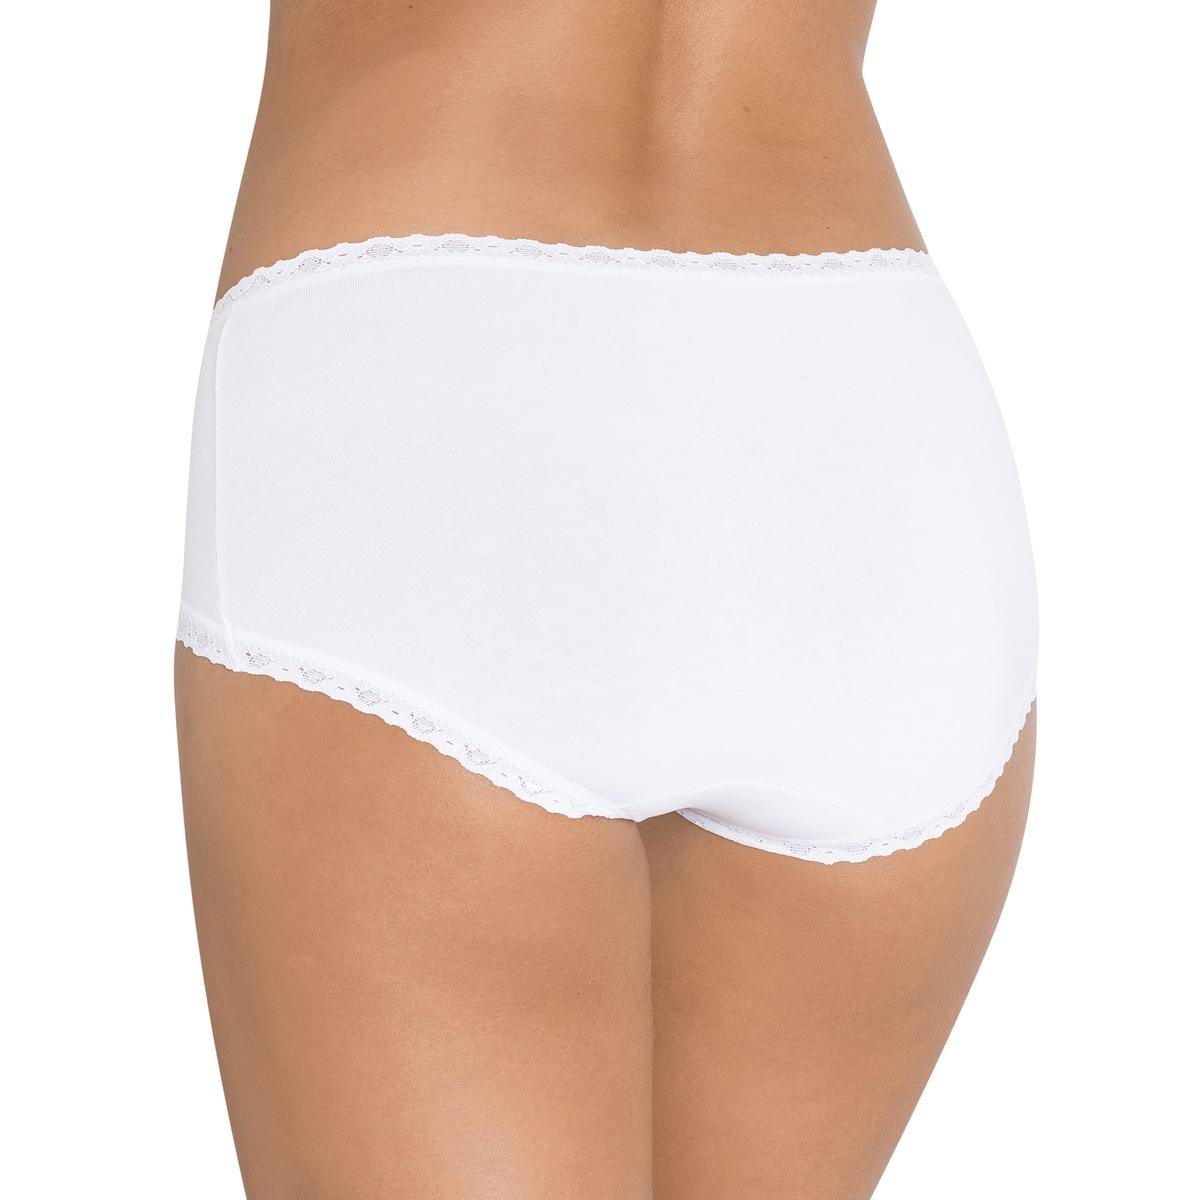 цены на 3 трусов-слипов миди 24/7 Cotton Lace в интернет-магазинах